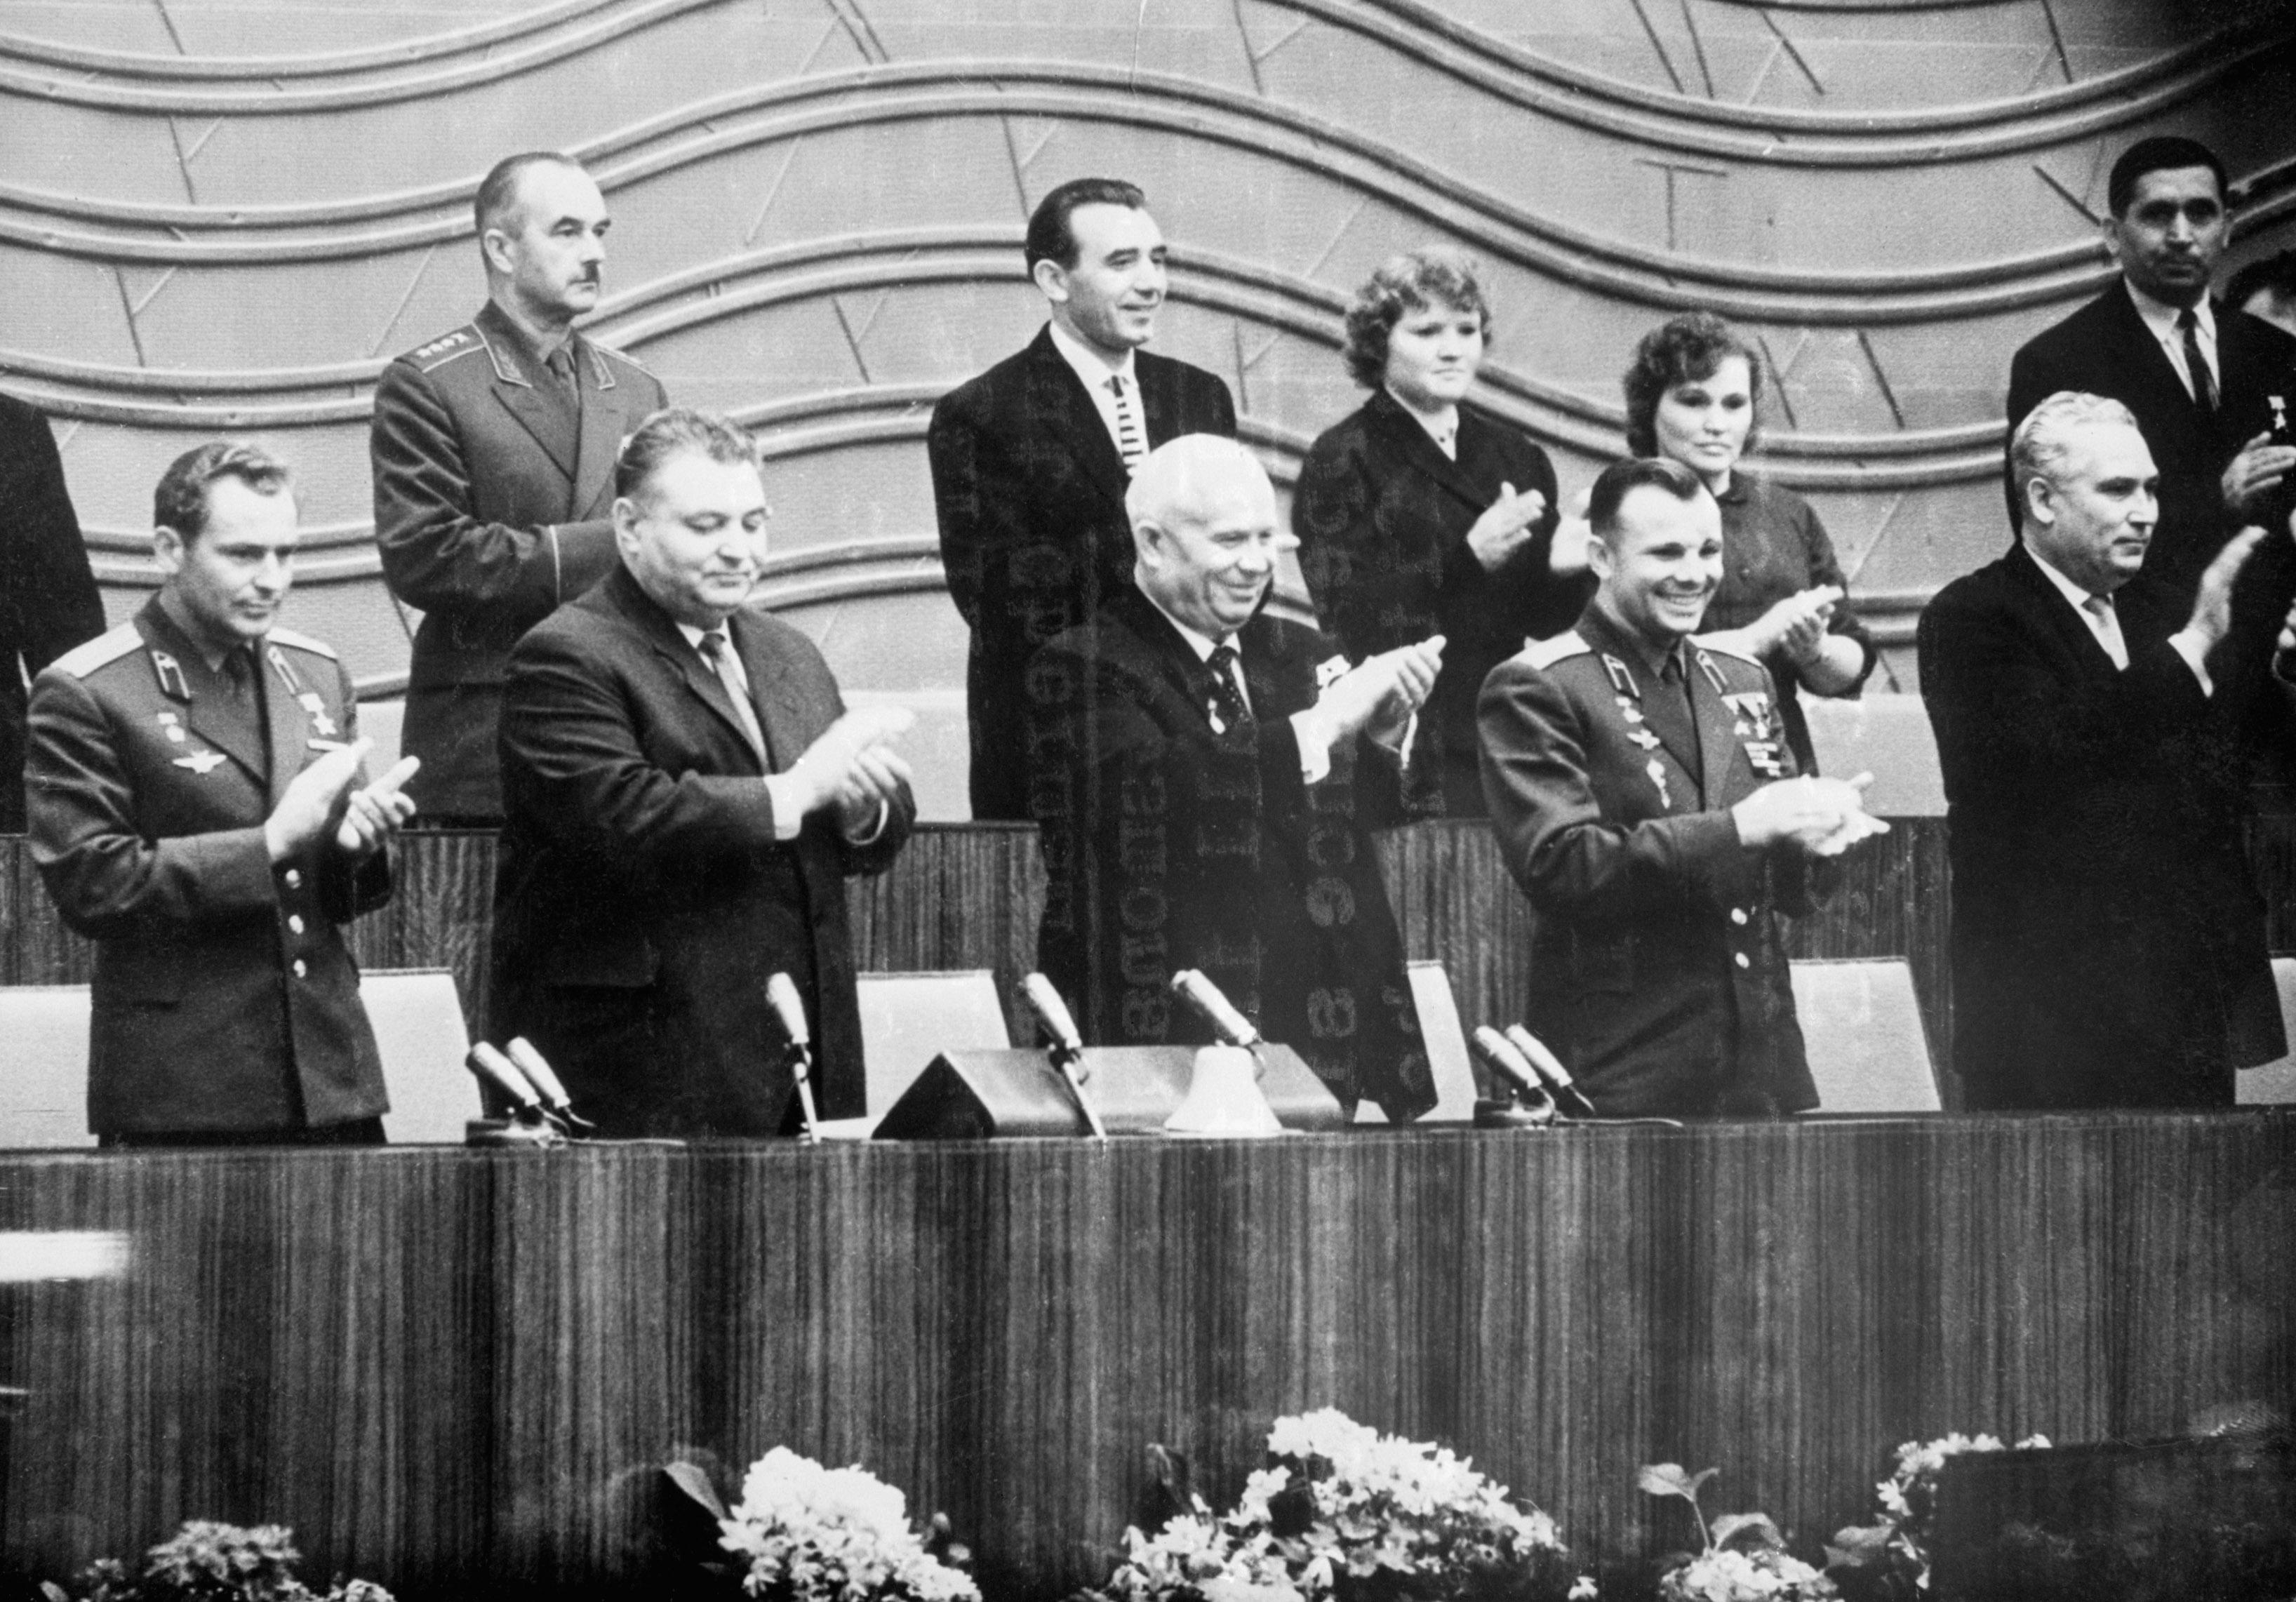 Н. С. Хрущев и Юрий Гагарин - фотография с высоким разрешением